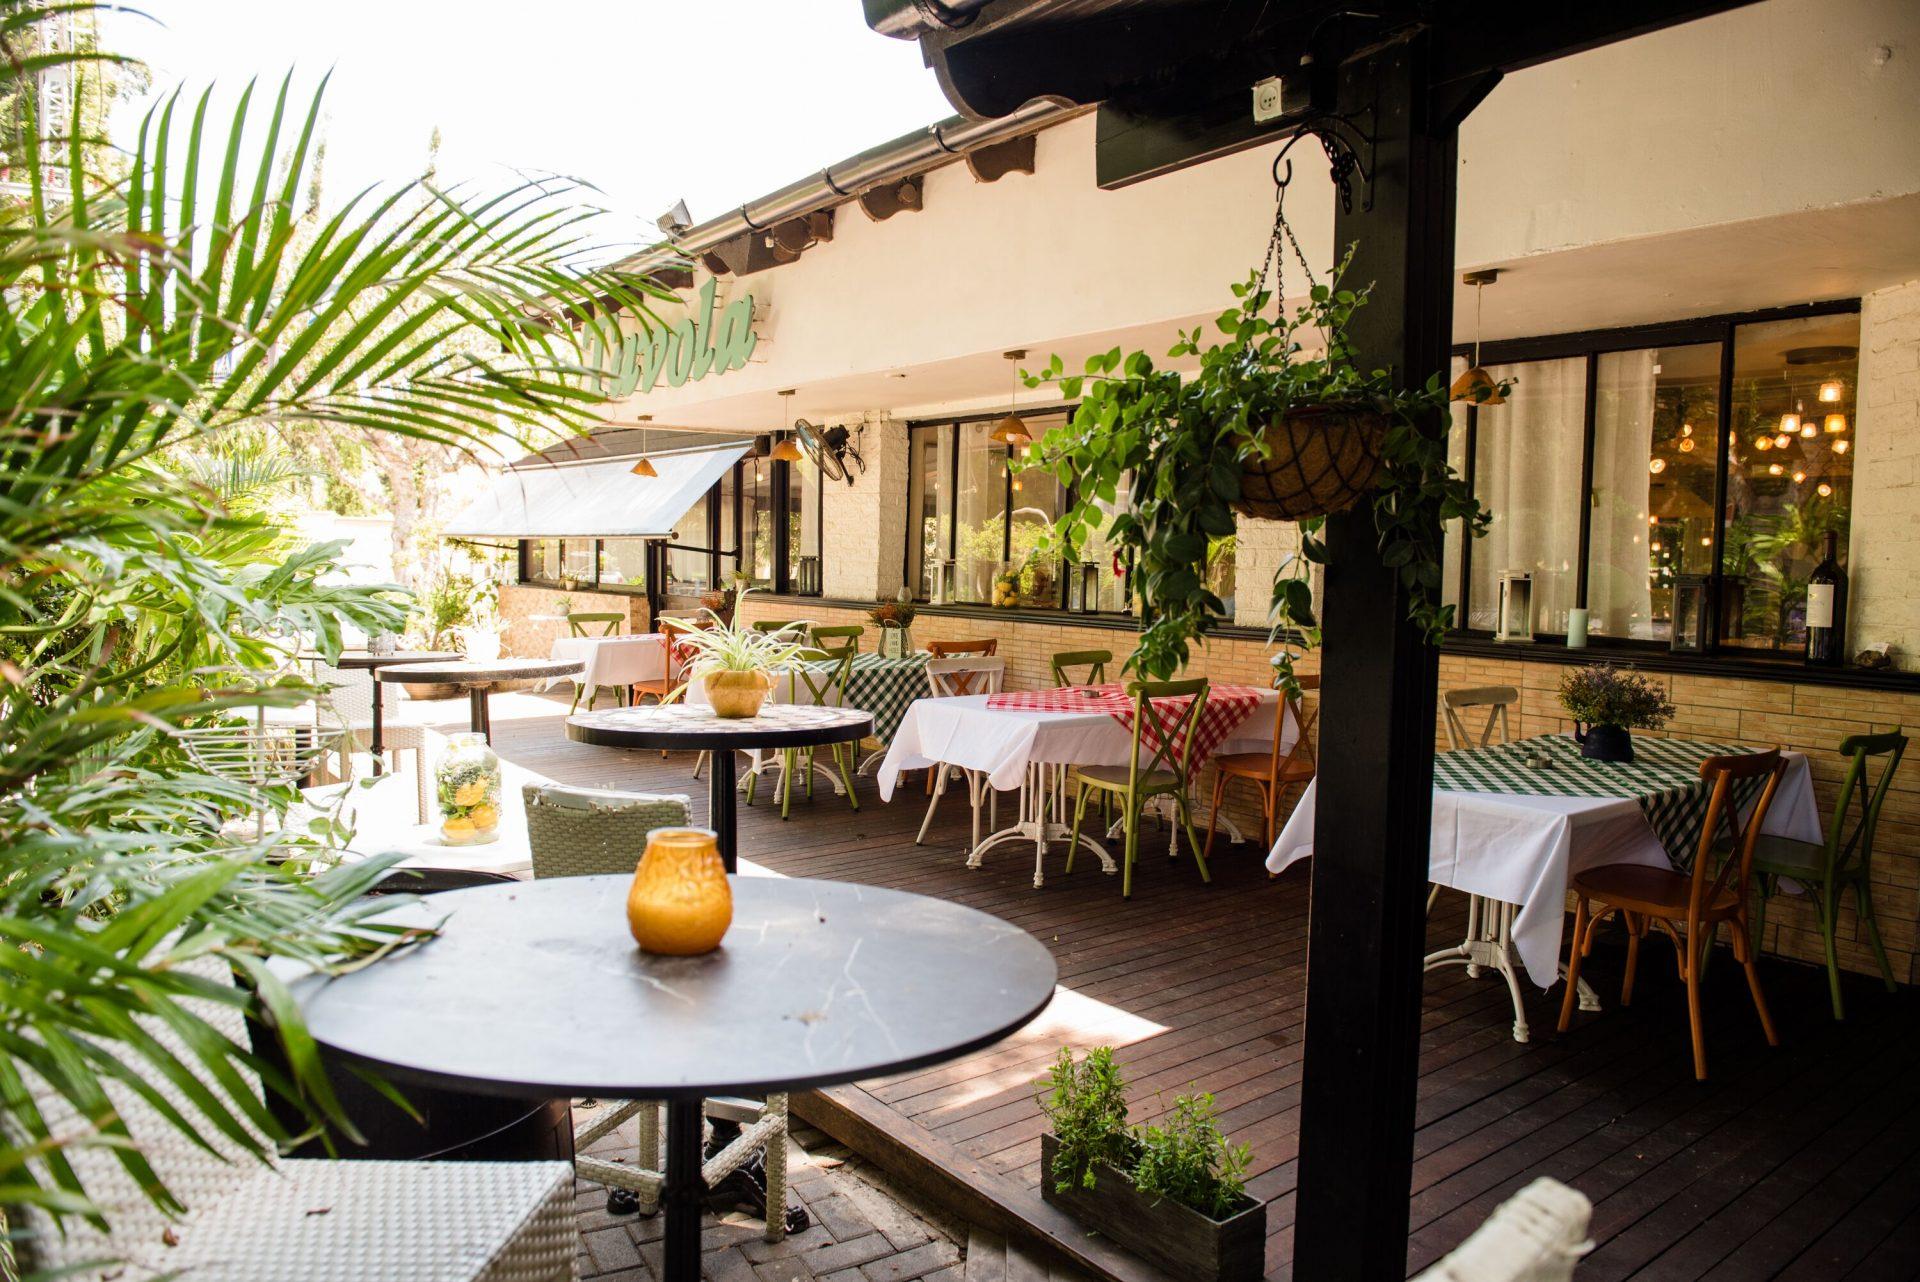 מסעדה מומלצת בשרון - מסעדת טאבולה. צילום: נתי חדד